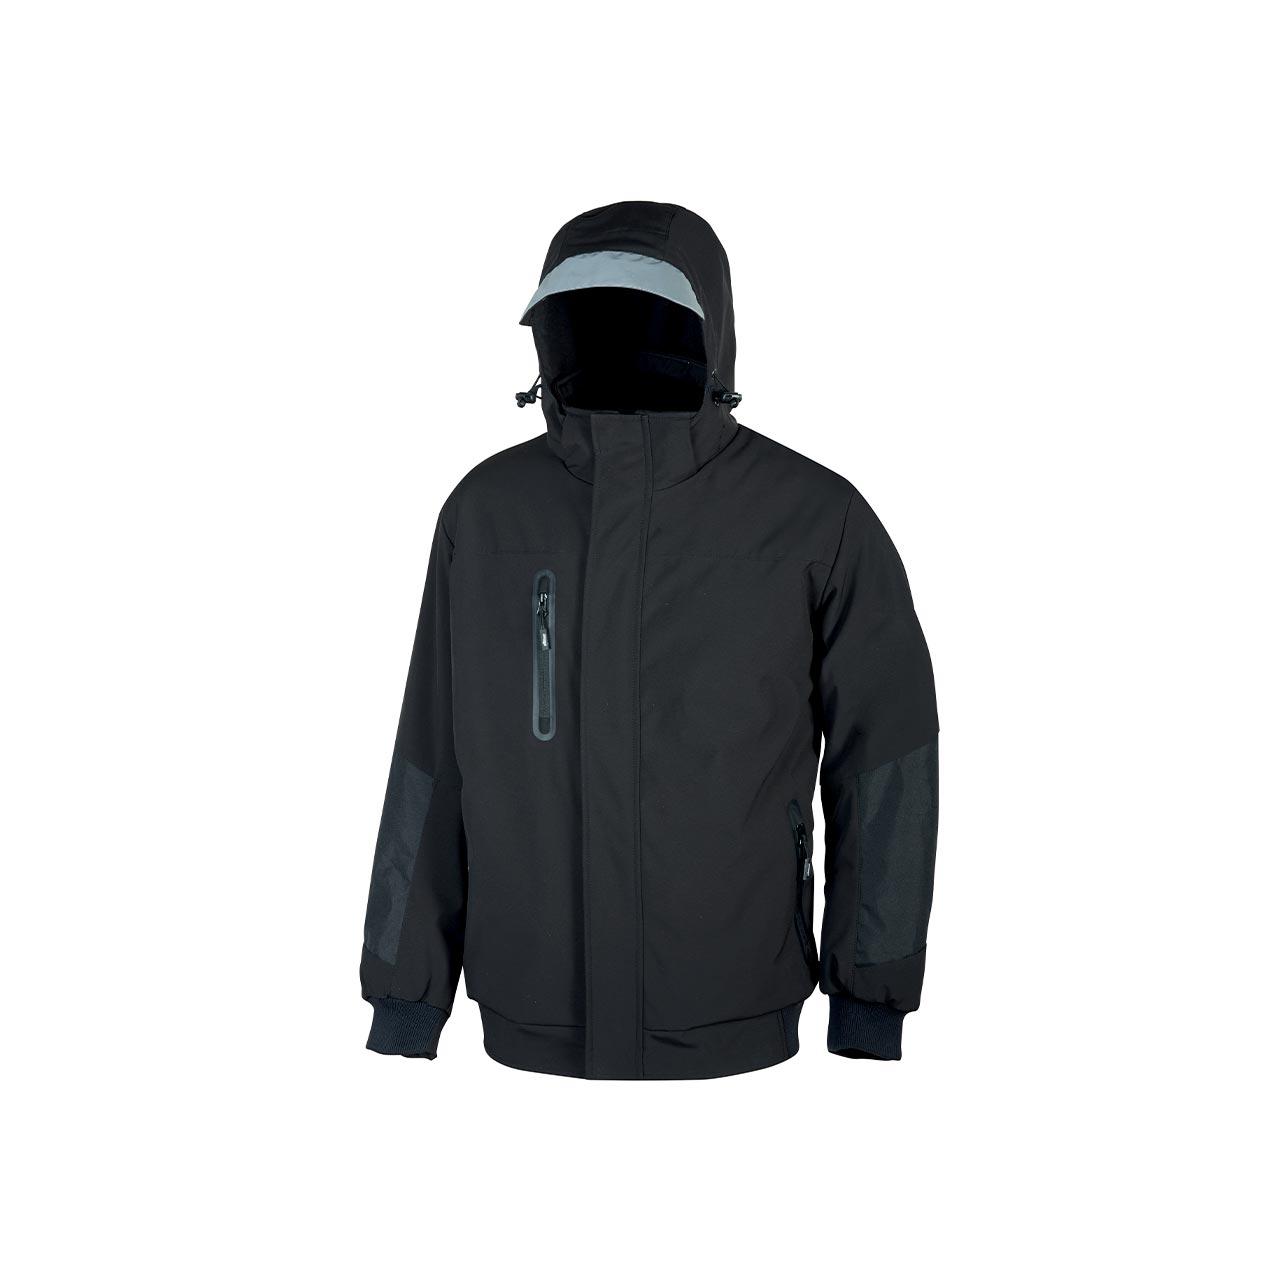 giacca da lavoro upower modello blaze colore black carbon